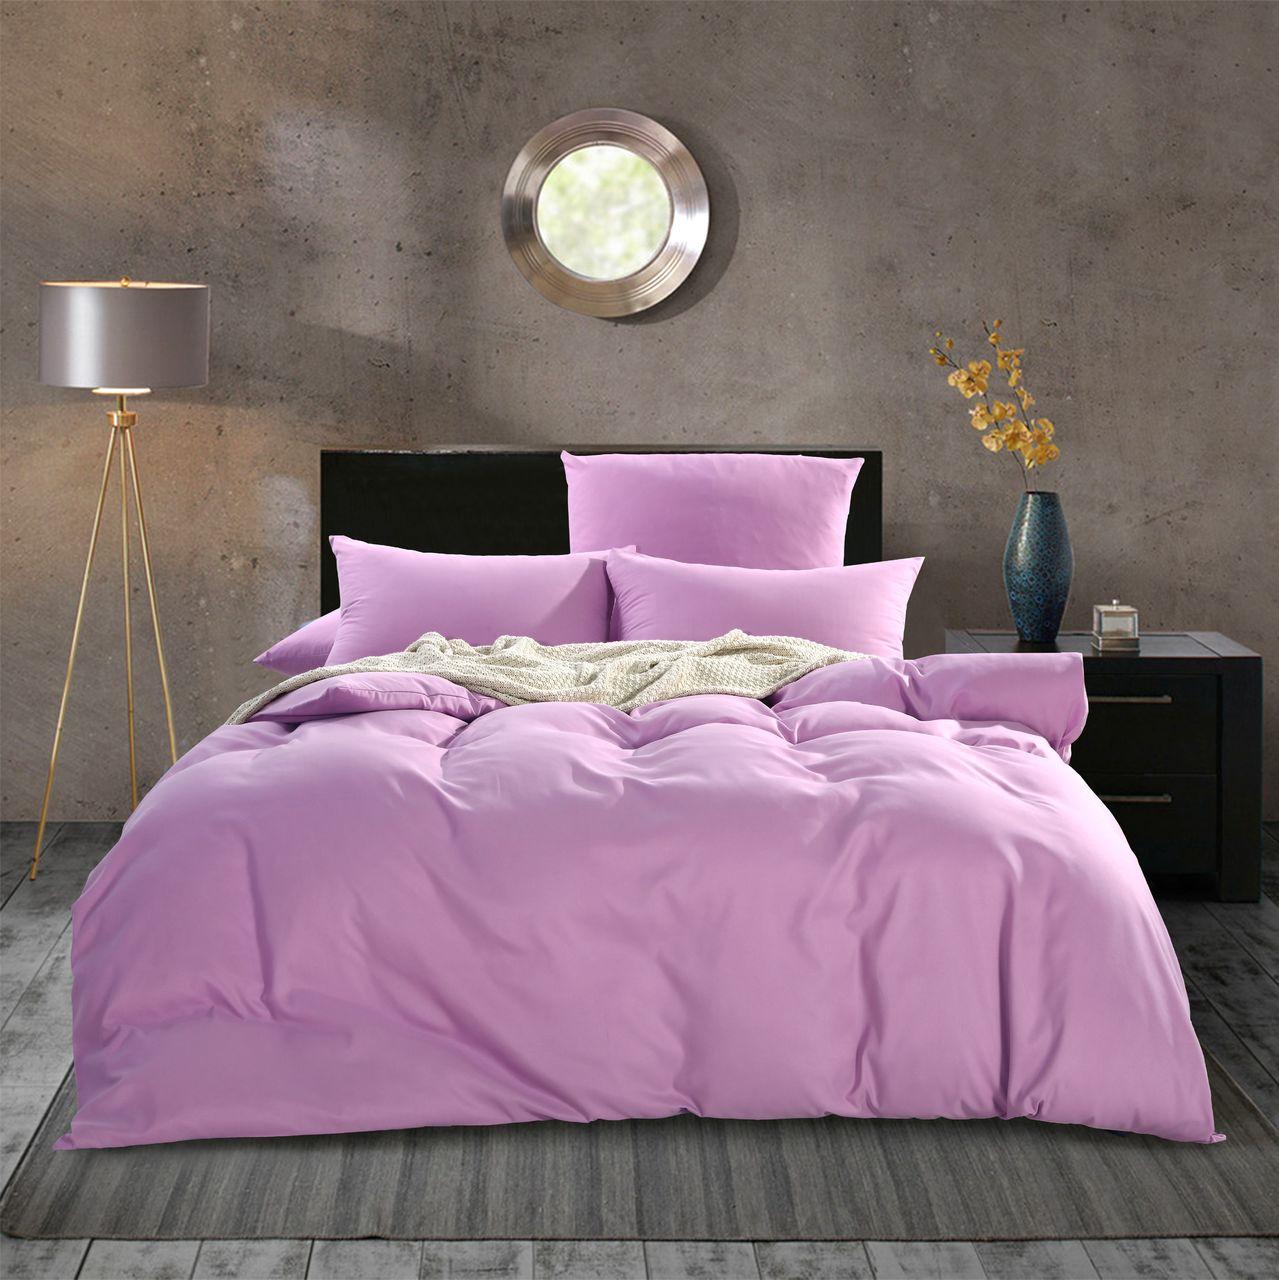 Комплект постельного белья Ситрейд CS013-E 4 Евро, наволочки 4 шт комплект постельного белья ситрейд ac053 e 4 евро наволочки 4 шт